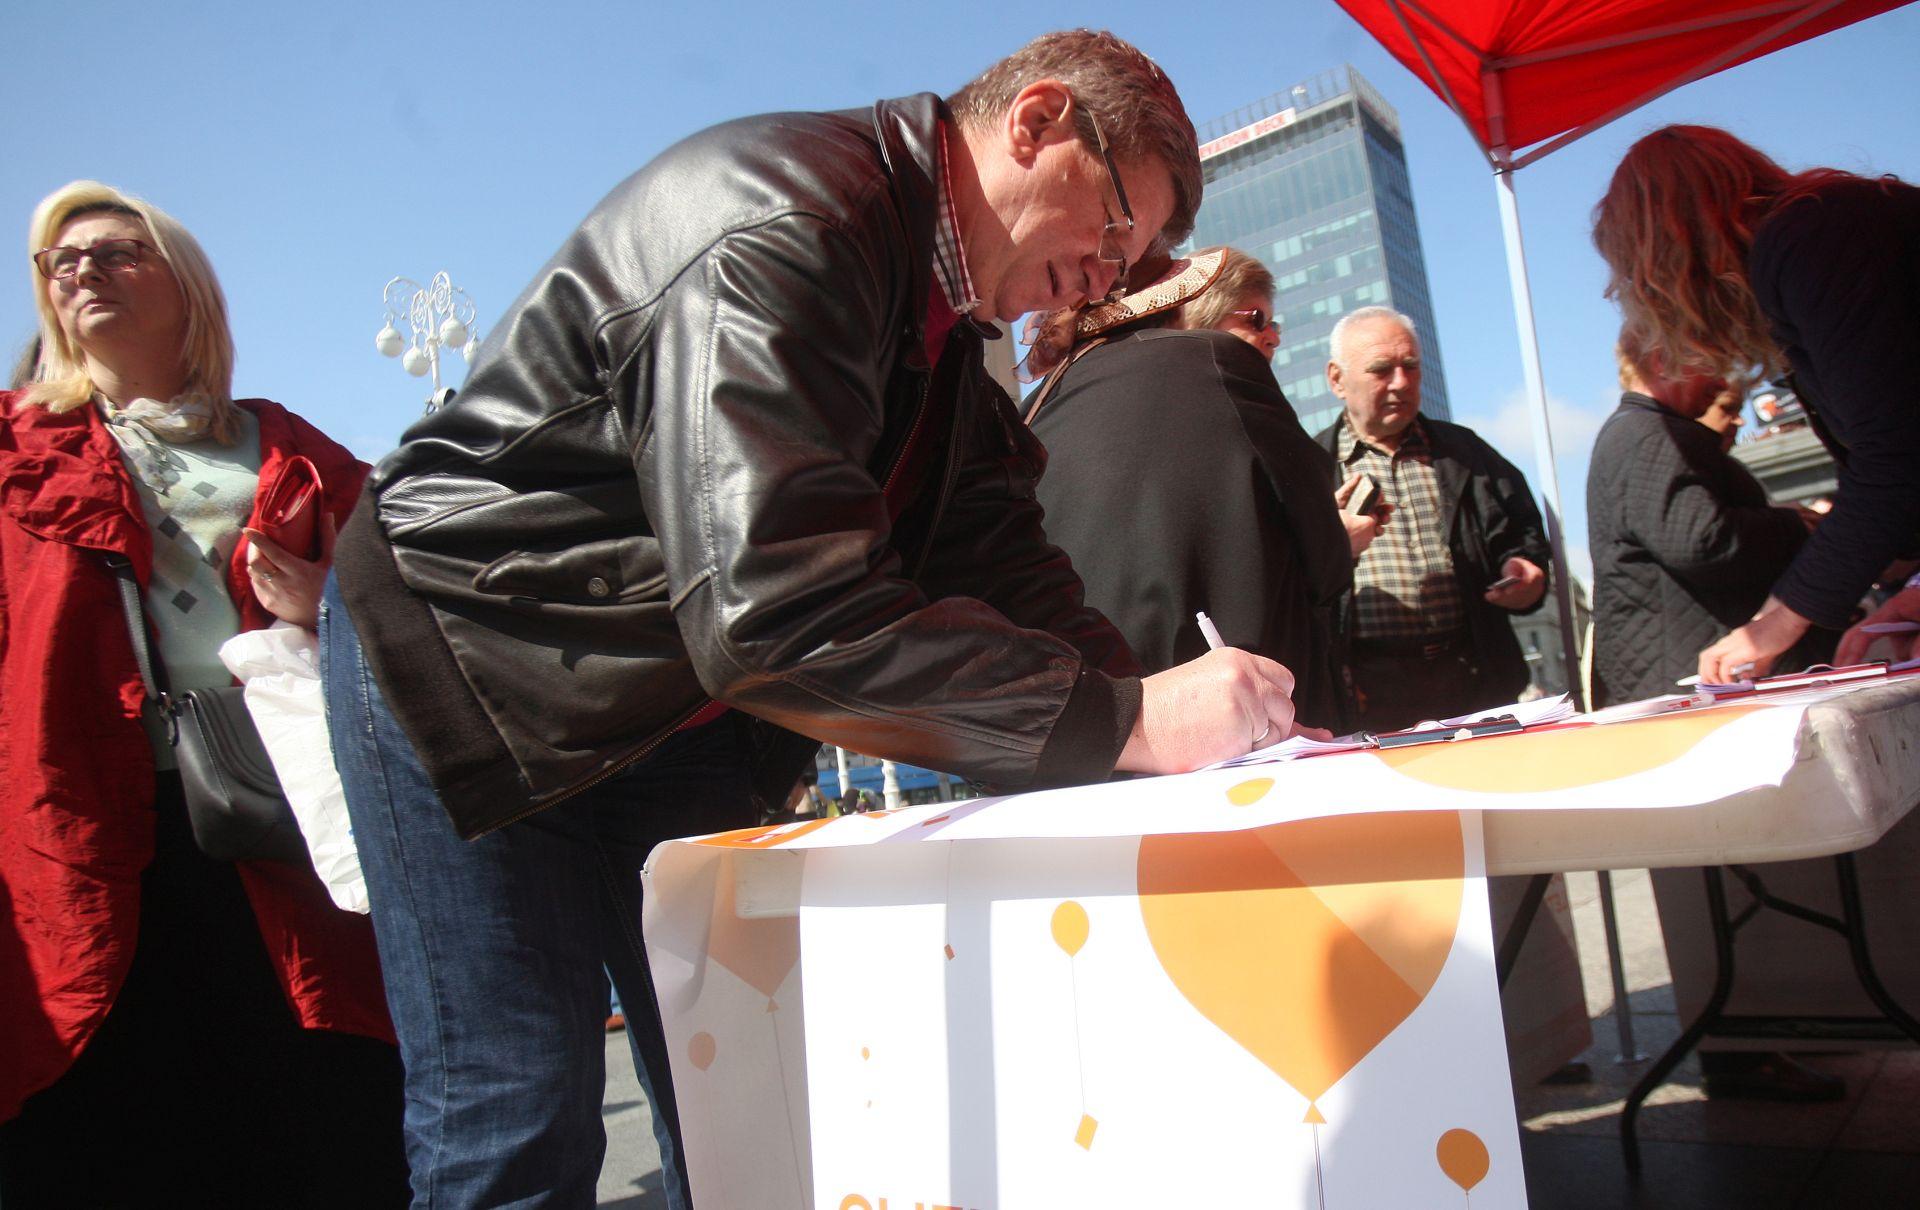 FORUM MLADIH HRVATSKE: Potpisivanje peticije protiv poskupljenja dopunskog zdravstvenog osiguranja